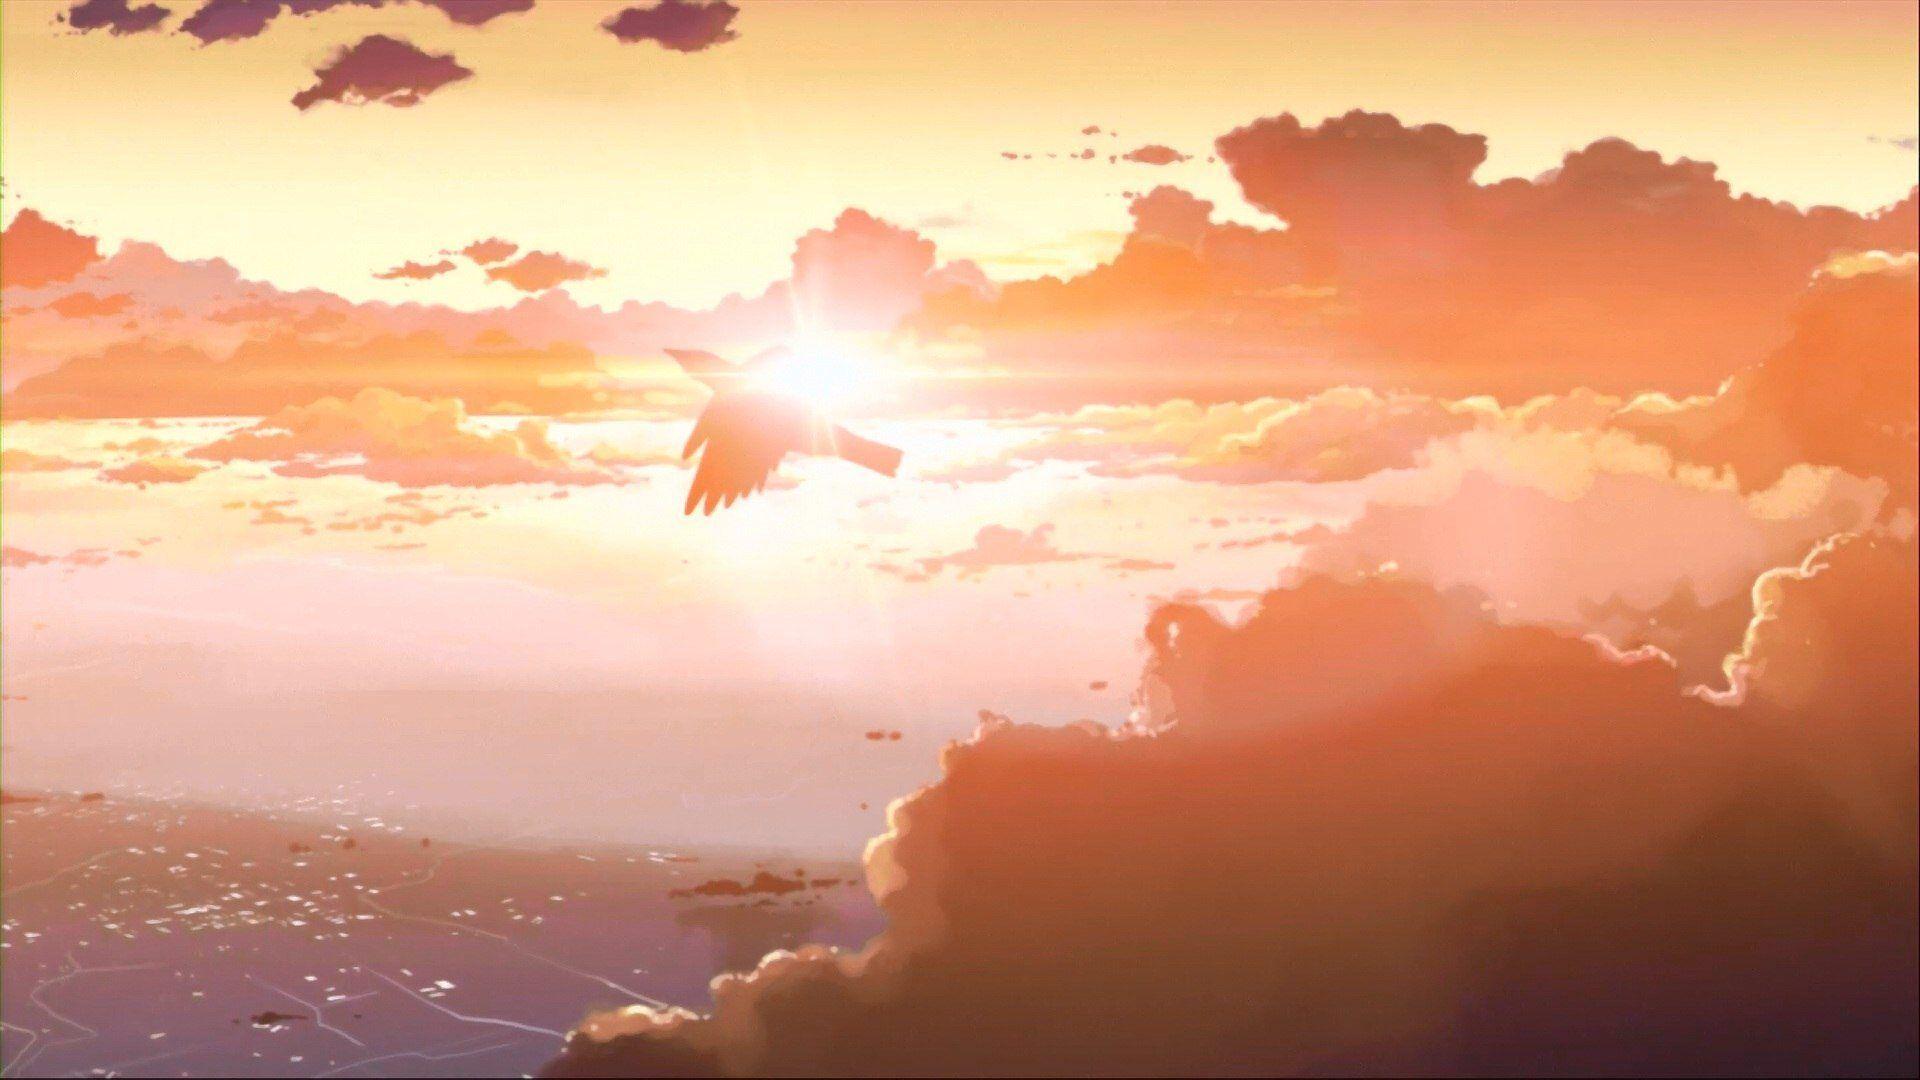 Skyline Anime Scenery Wallpaper Hd Free Desktop 42727